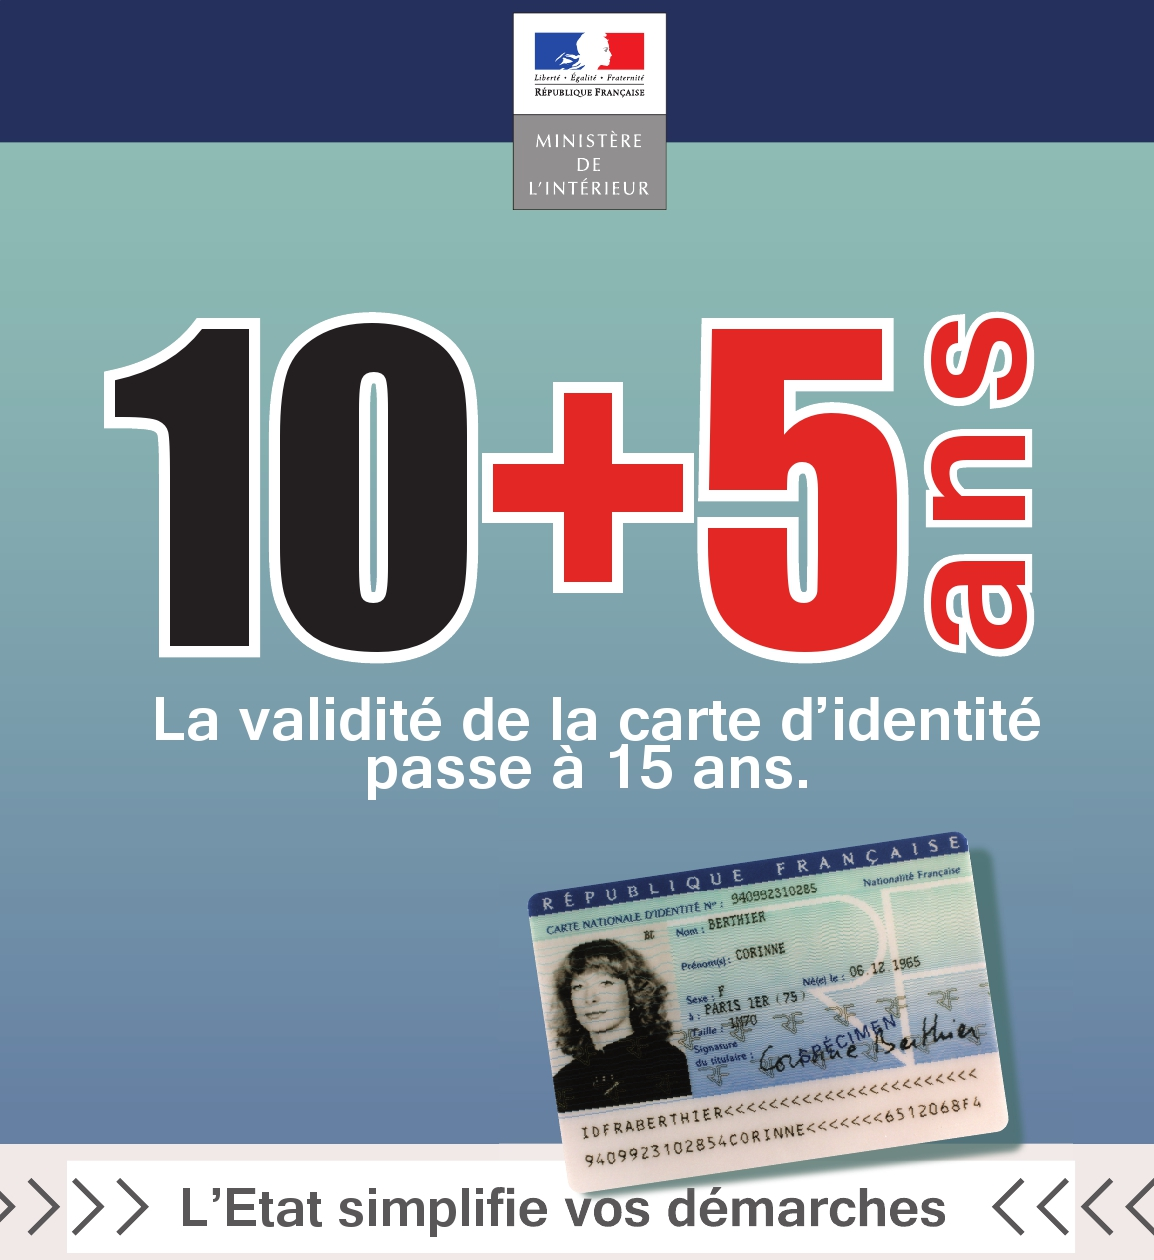 Carte d'identité - Allongement de la durée de validité - France in the United Kingdom - La ...